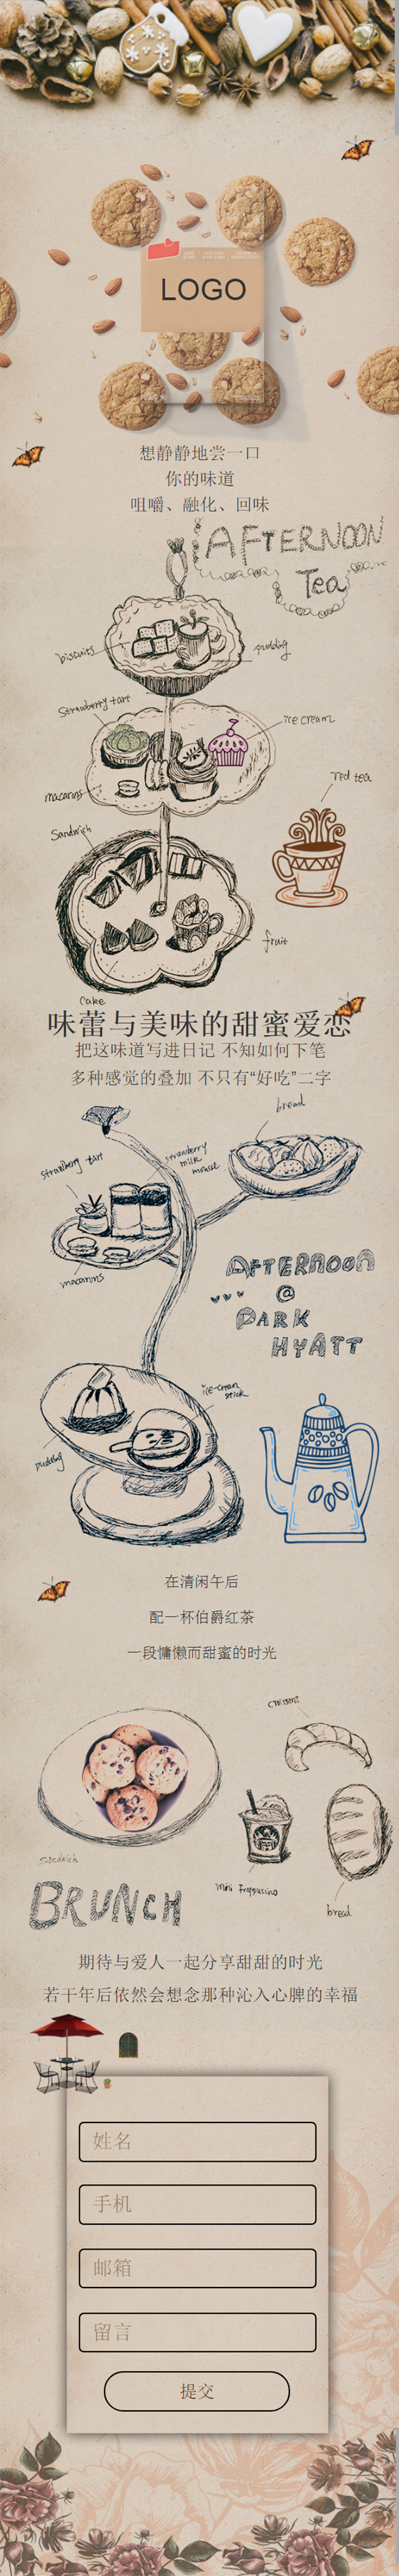 可爱手绘下午茶风格一页长图h5模版